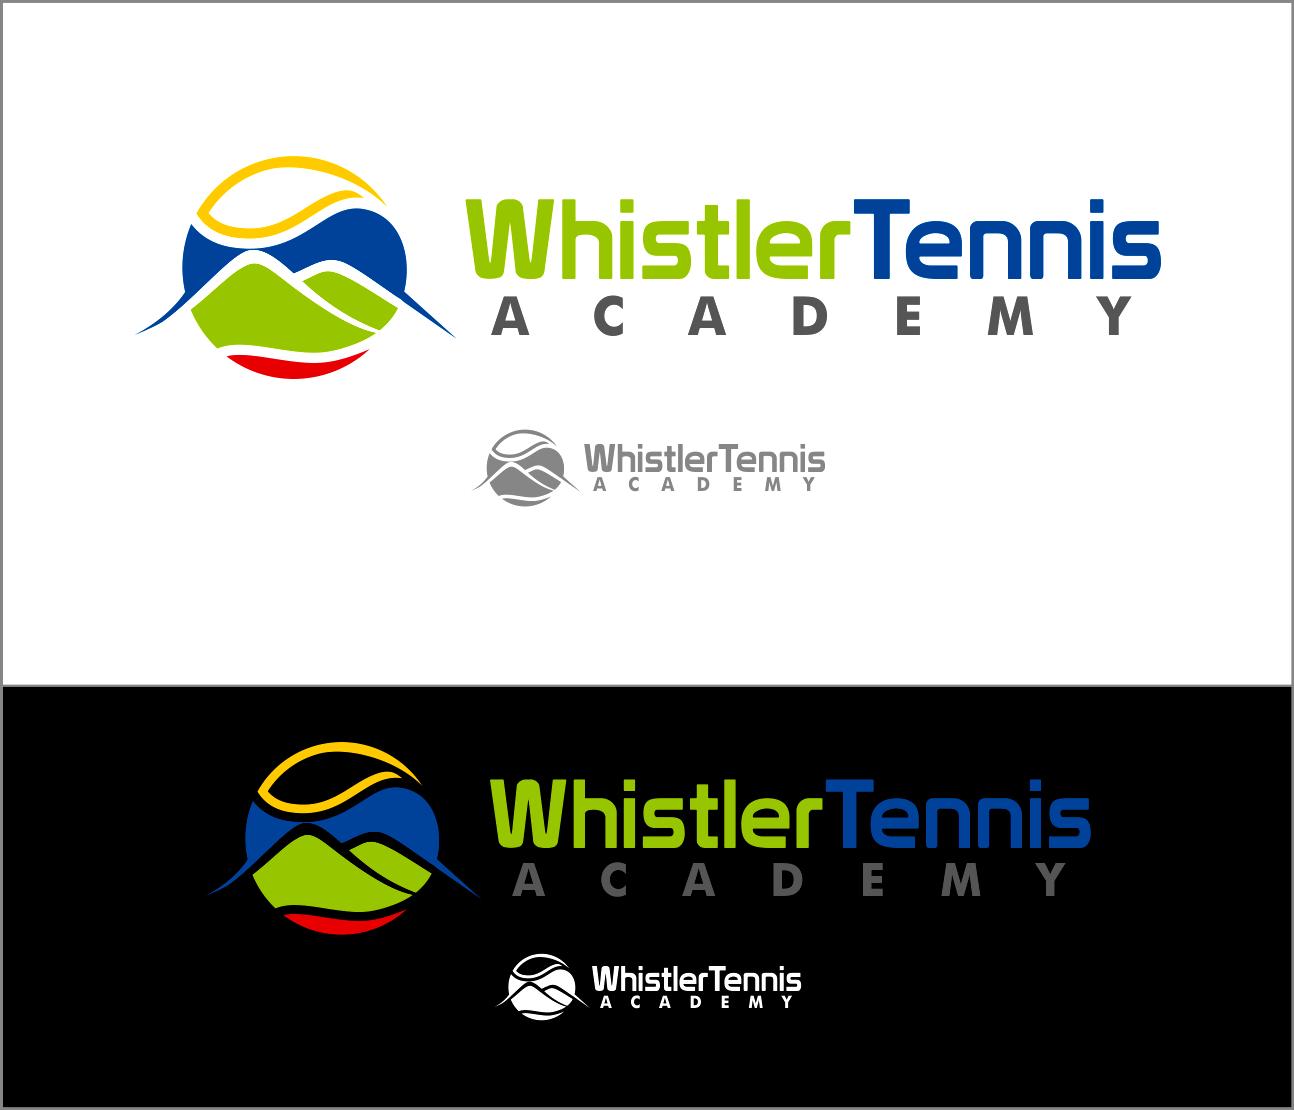 Logo Design by Armada Jamaluddin - Entry No. 205 in the Logo Design Contest Imaginative Logo Design for Whistler Tennis Academy.